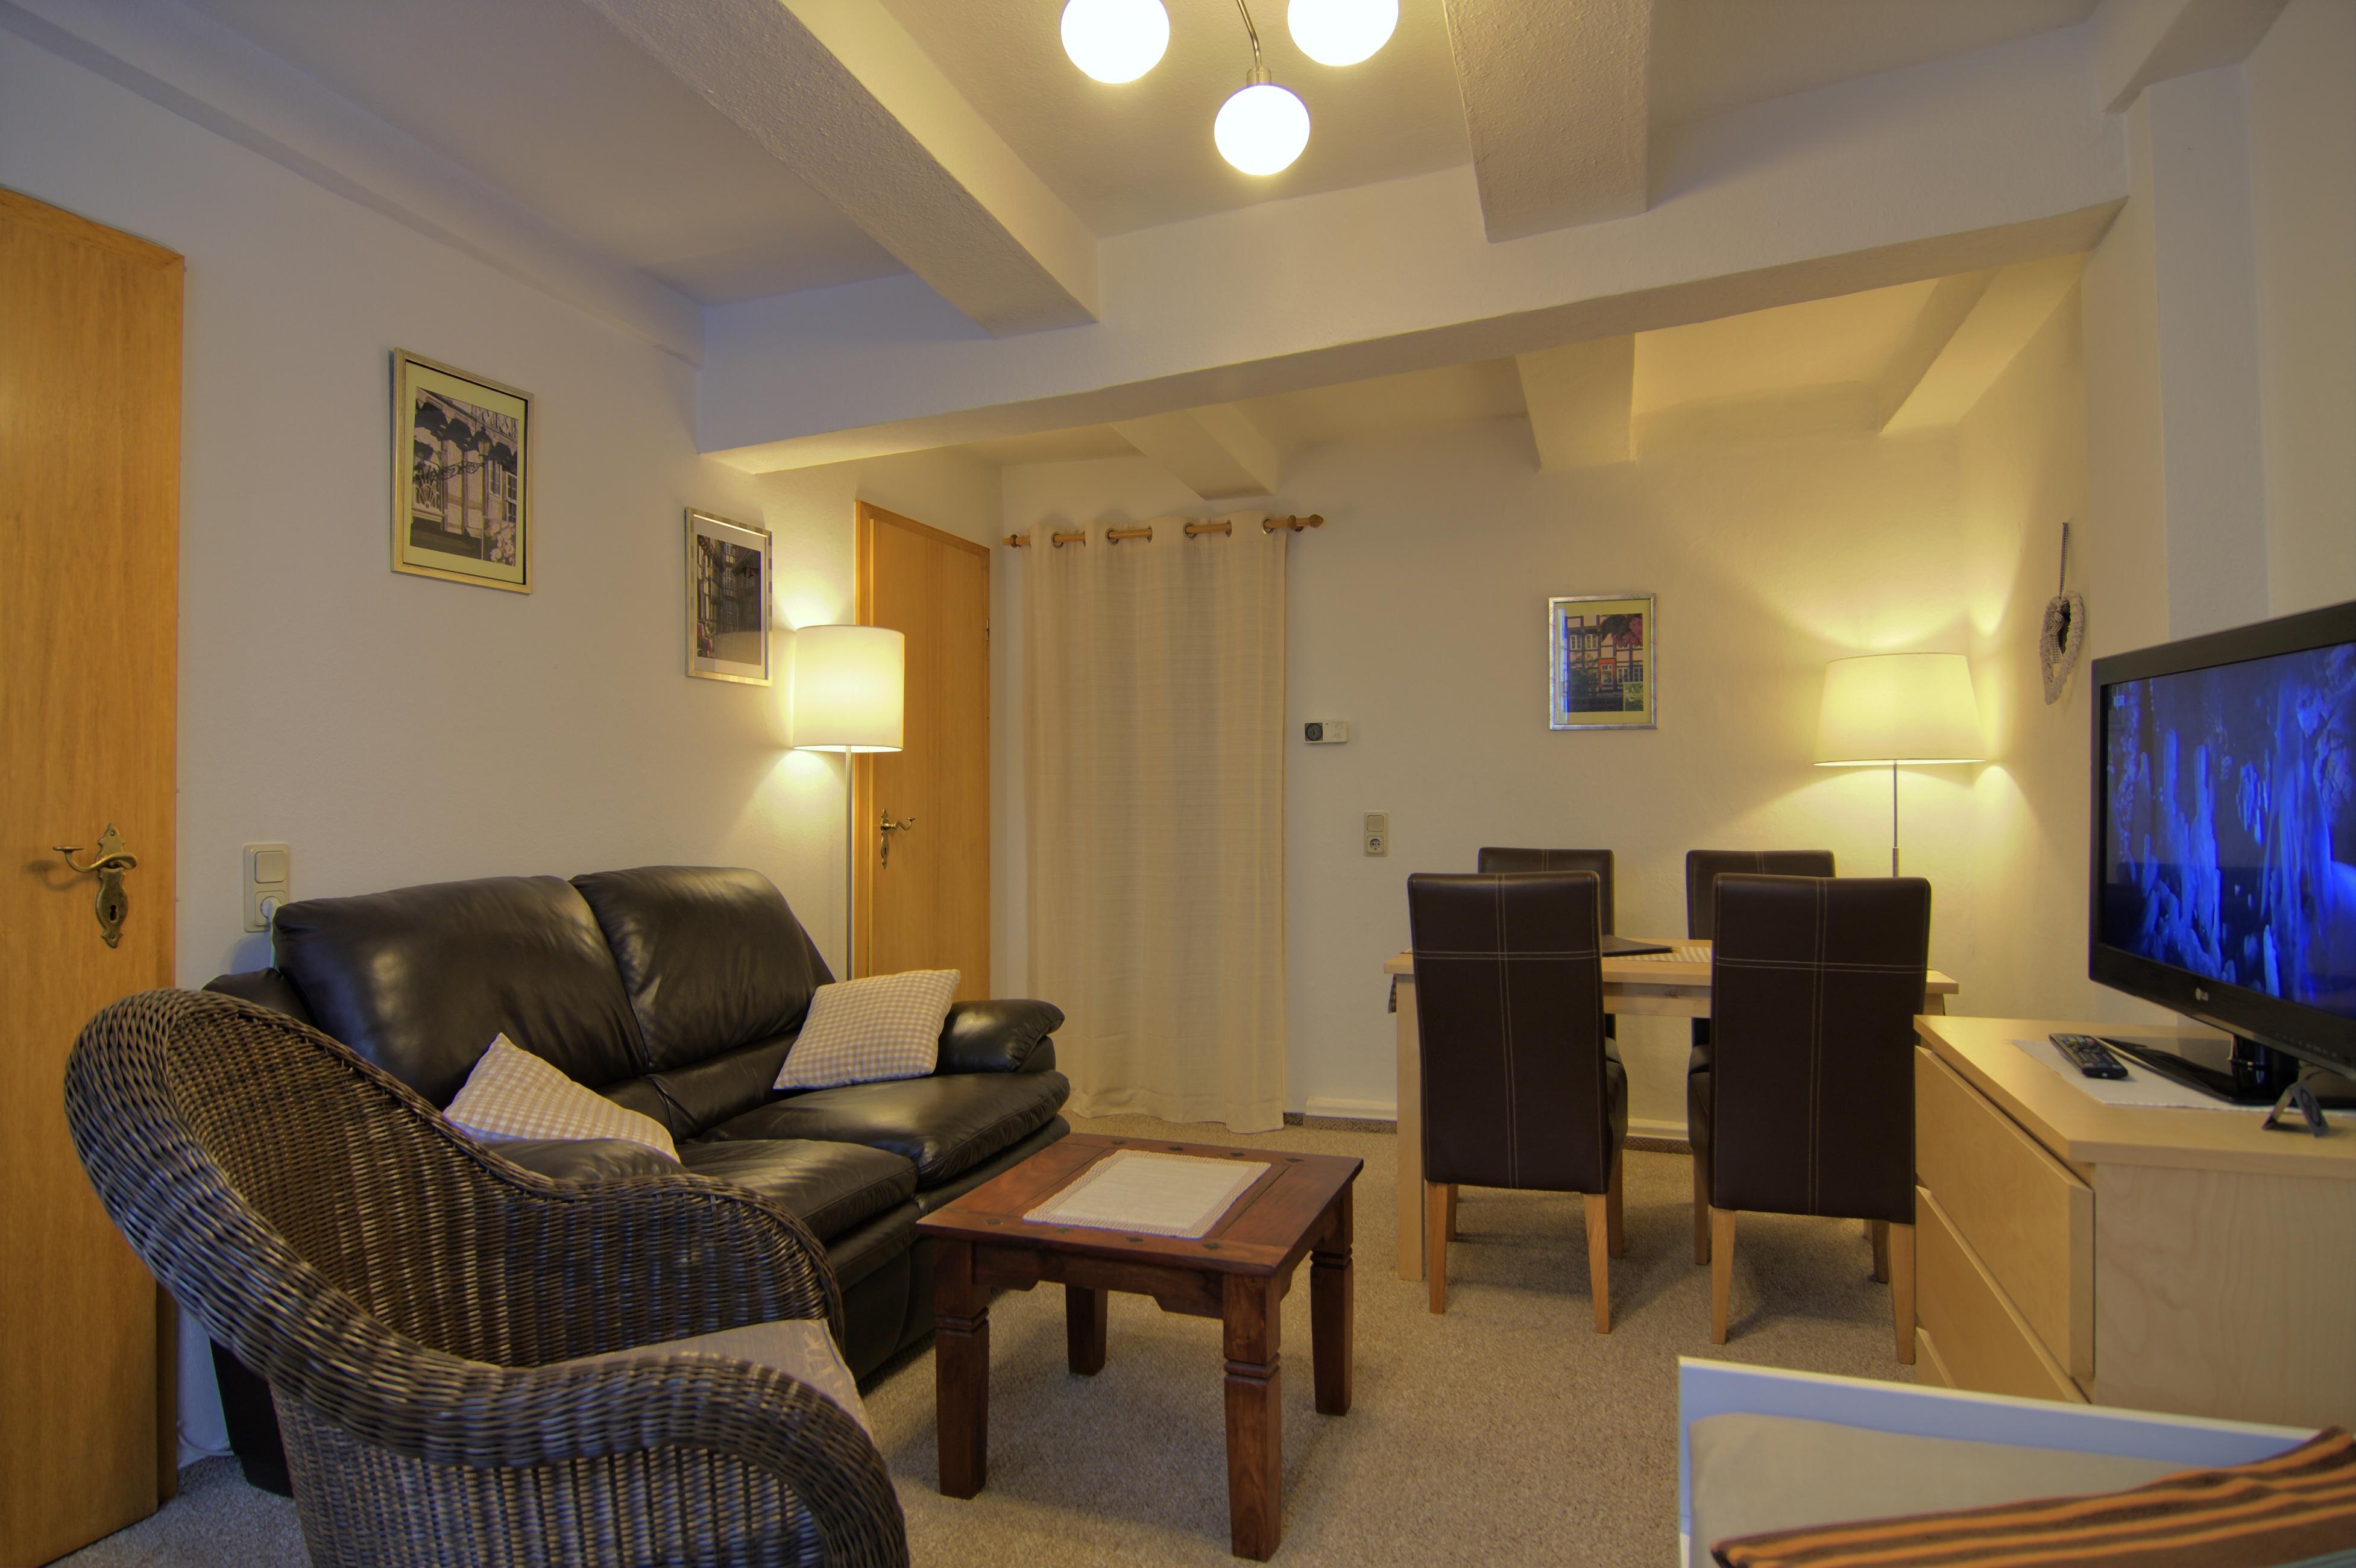 Wohnzimmer der Ferienwohnung im Erdgeschoß